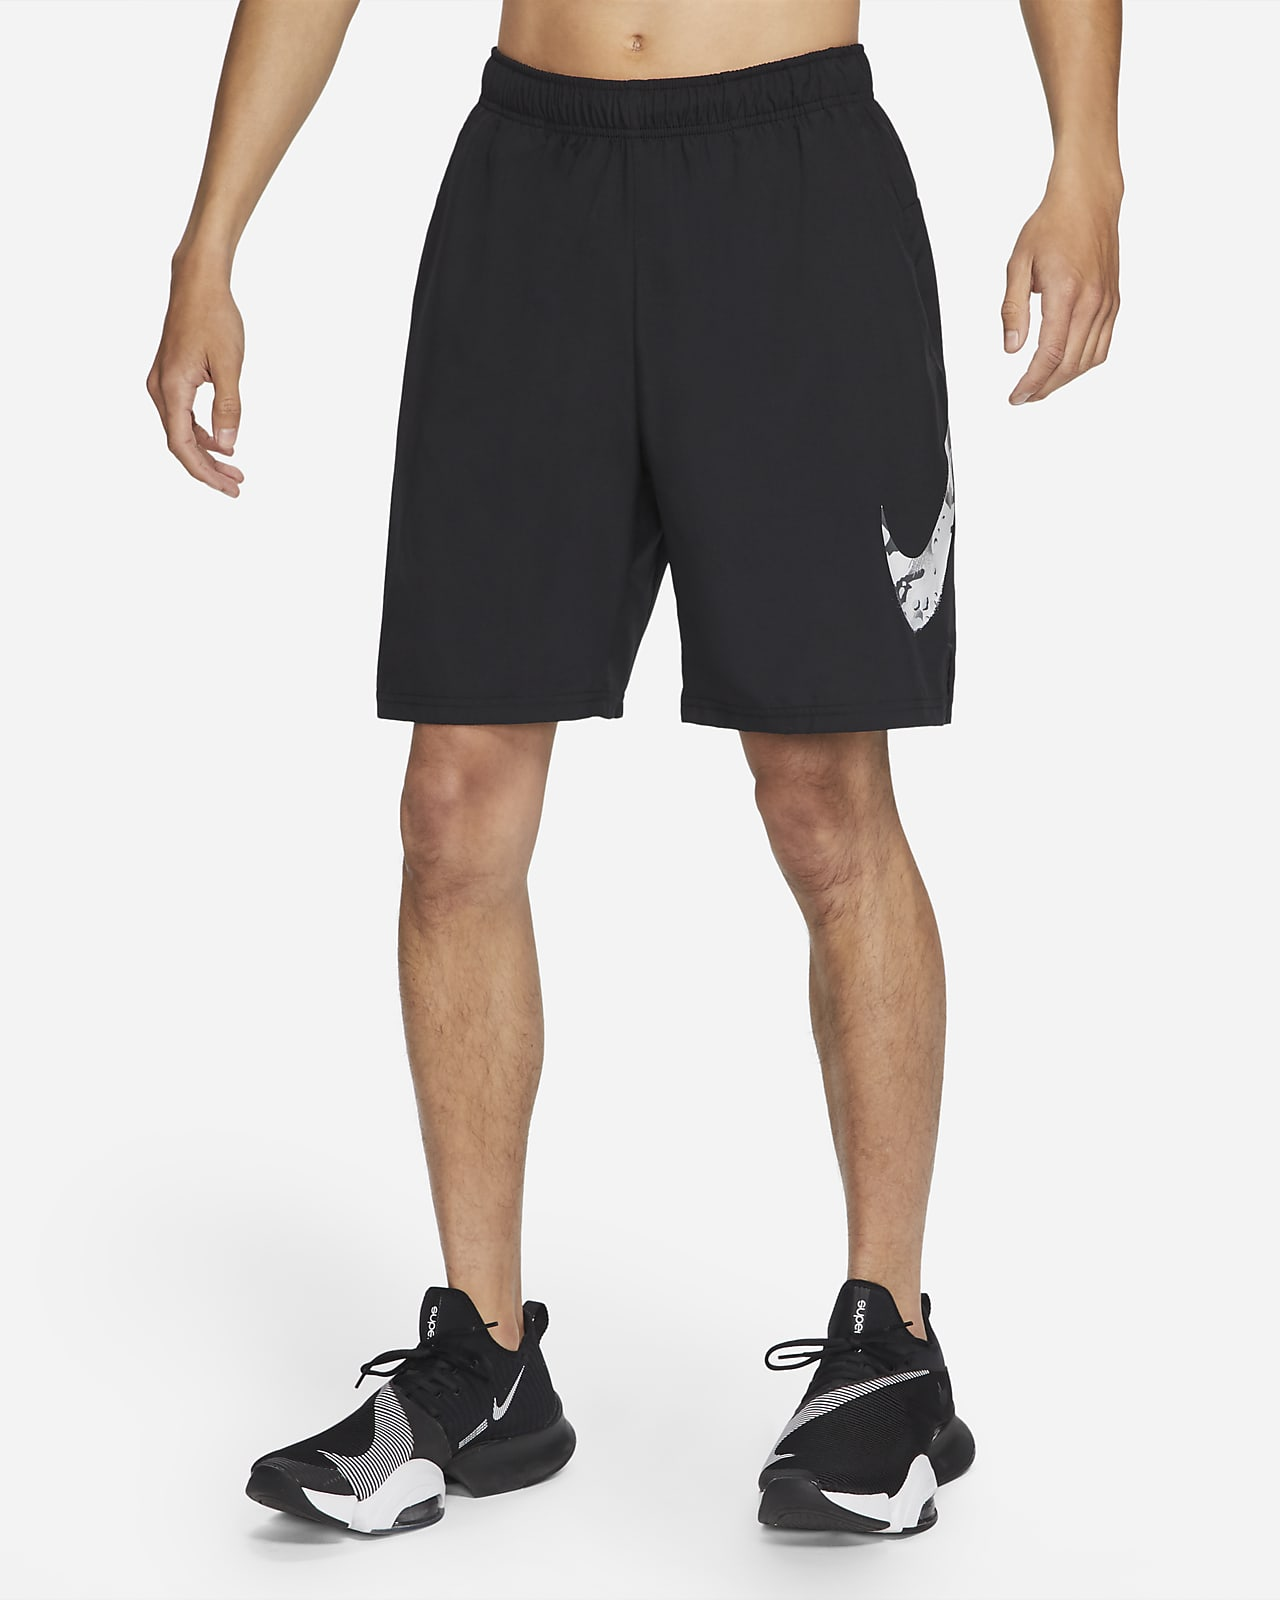 กางเกงเทรนนิ่งขาสั้นผู้ชายมีกราฟิกลายพราง Nike Flex